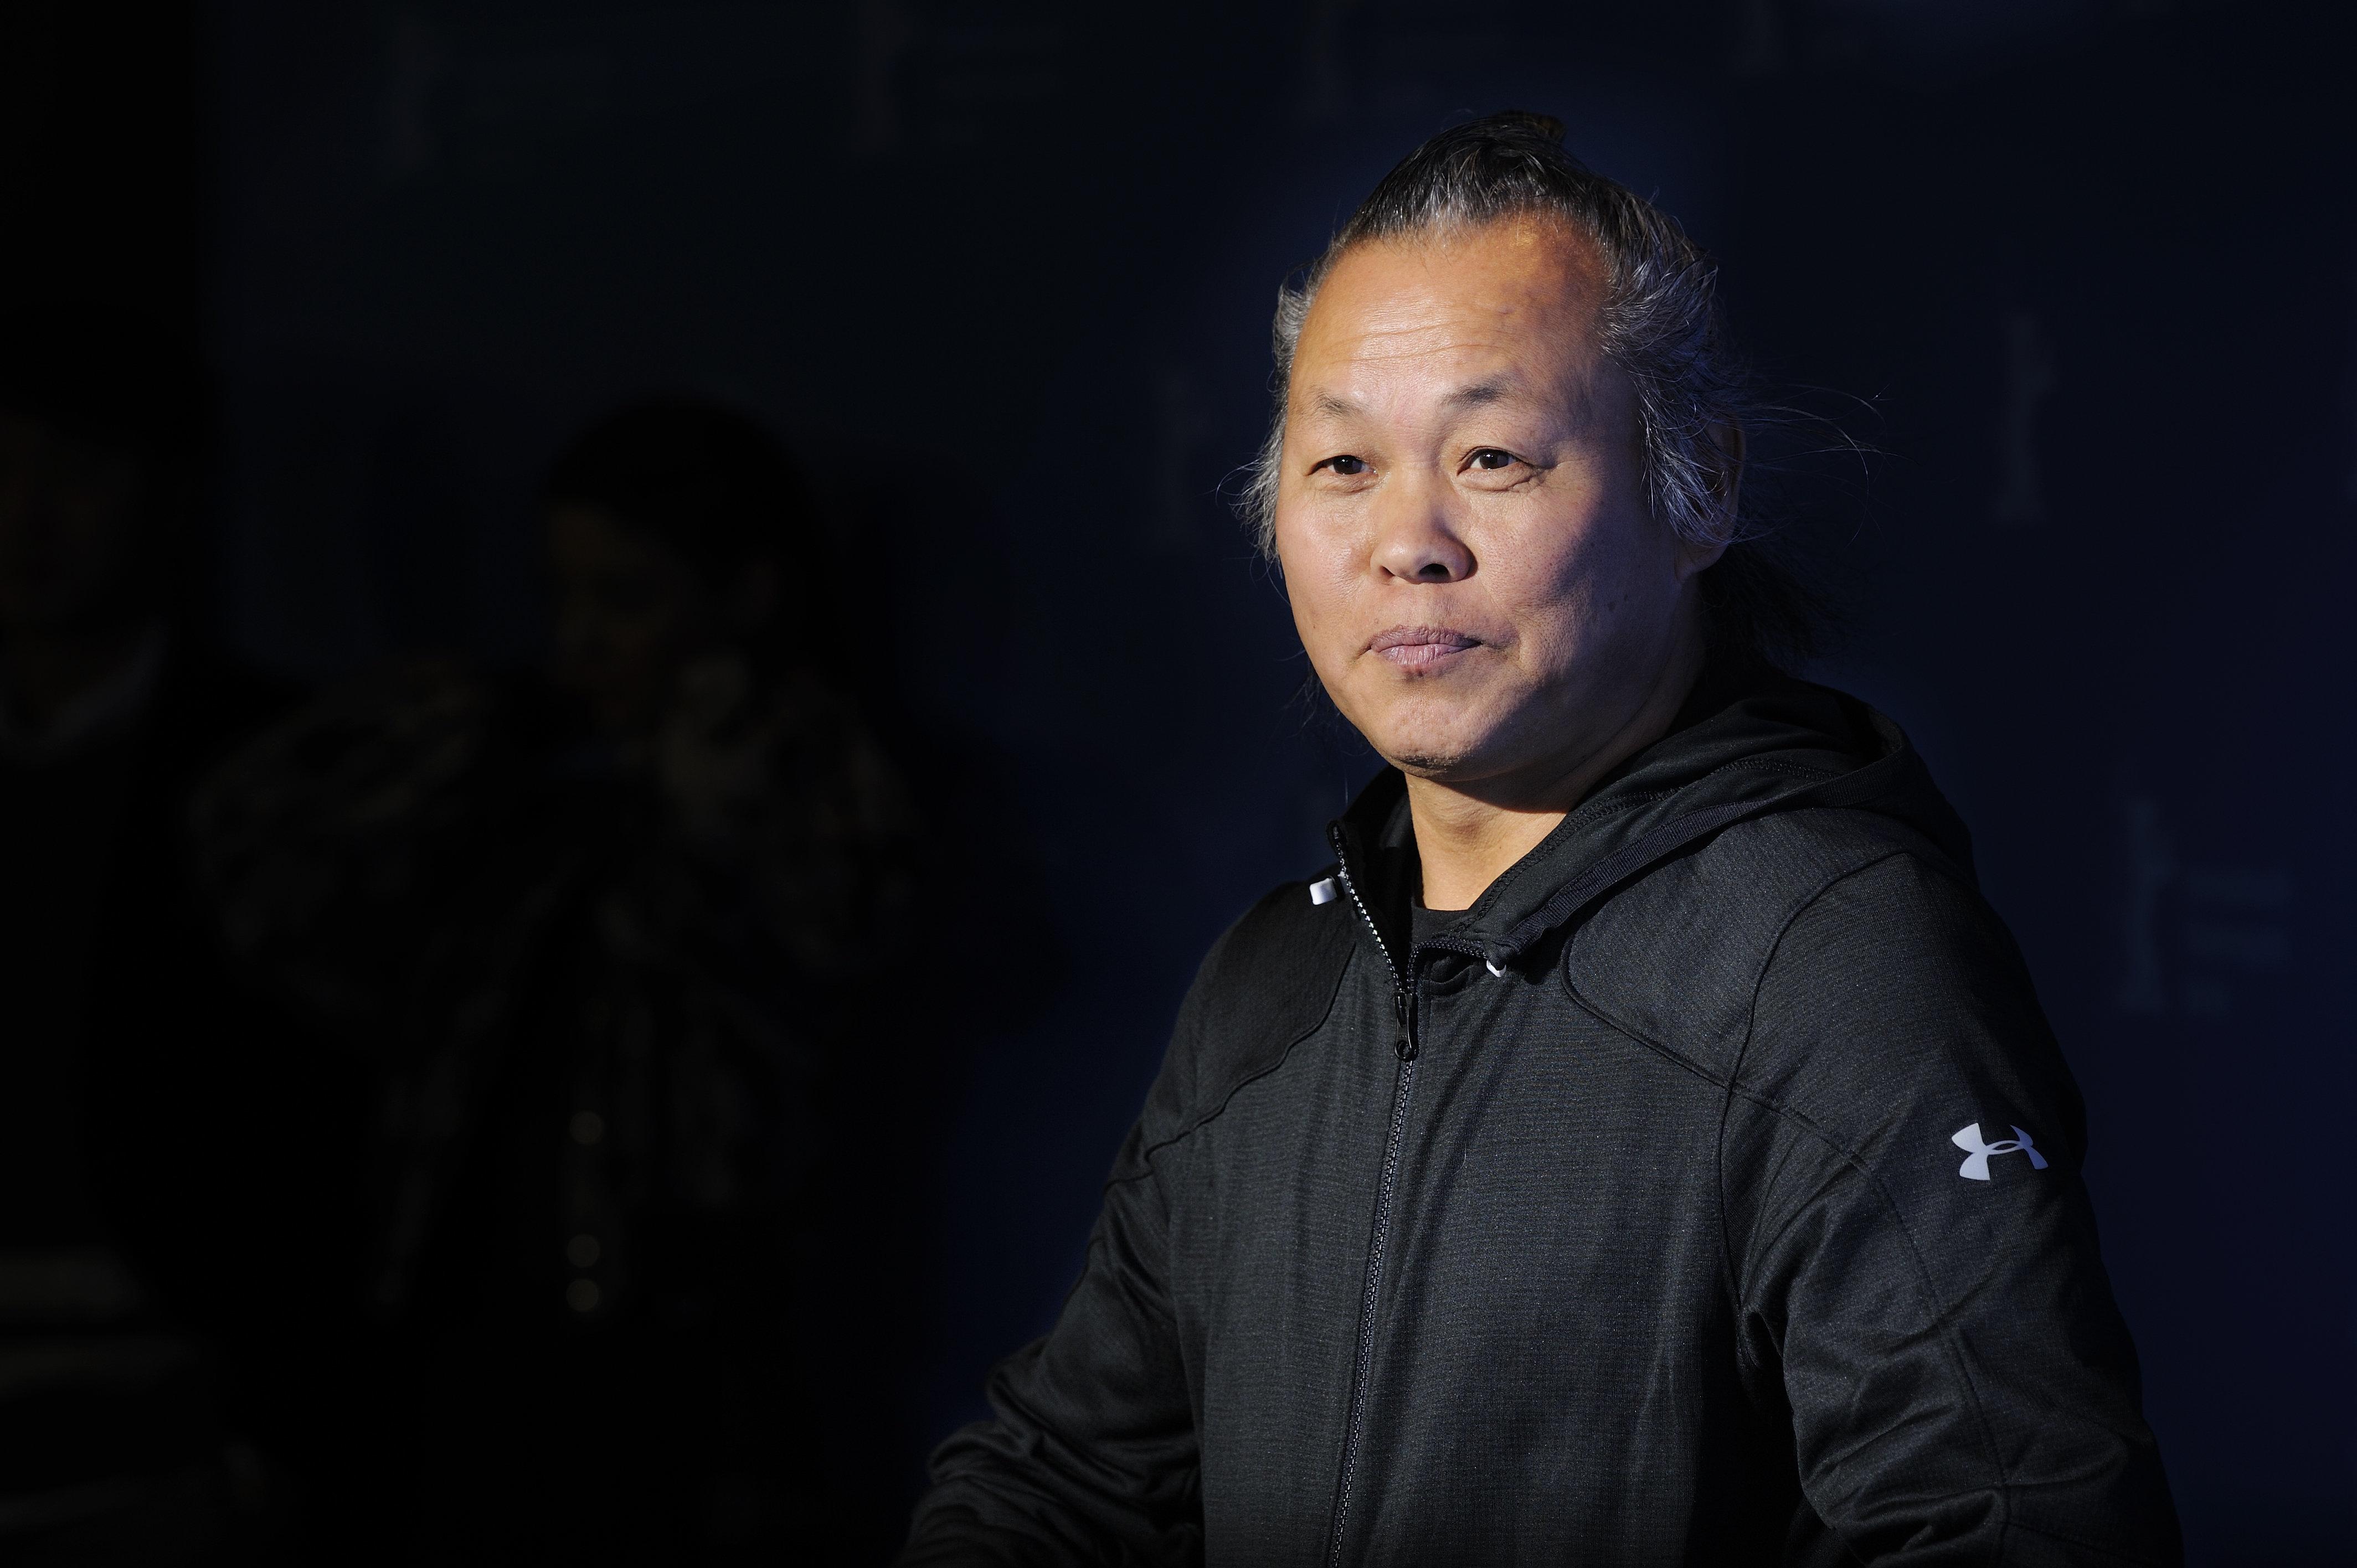 김기덕 감독, 모스크바국제영화제 심사위원장